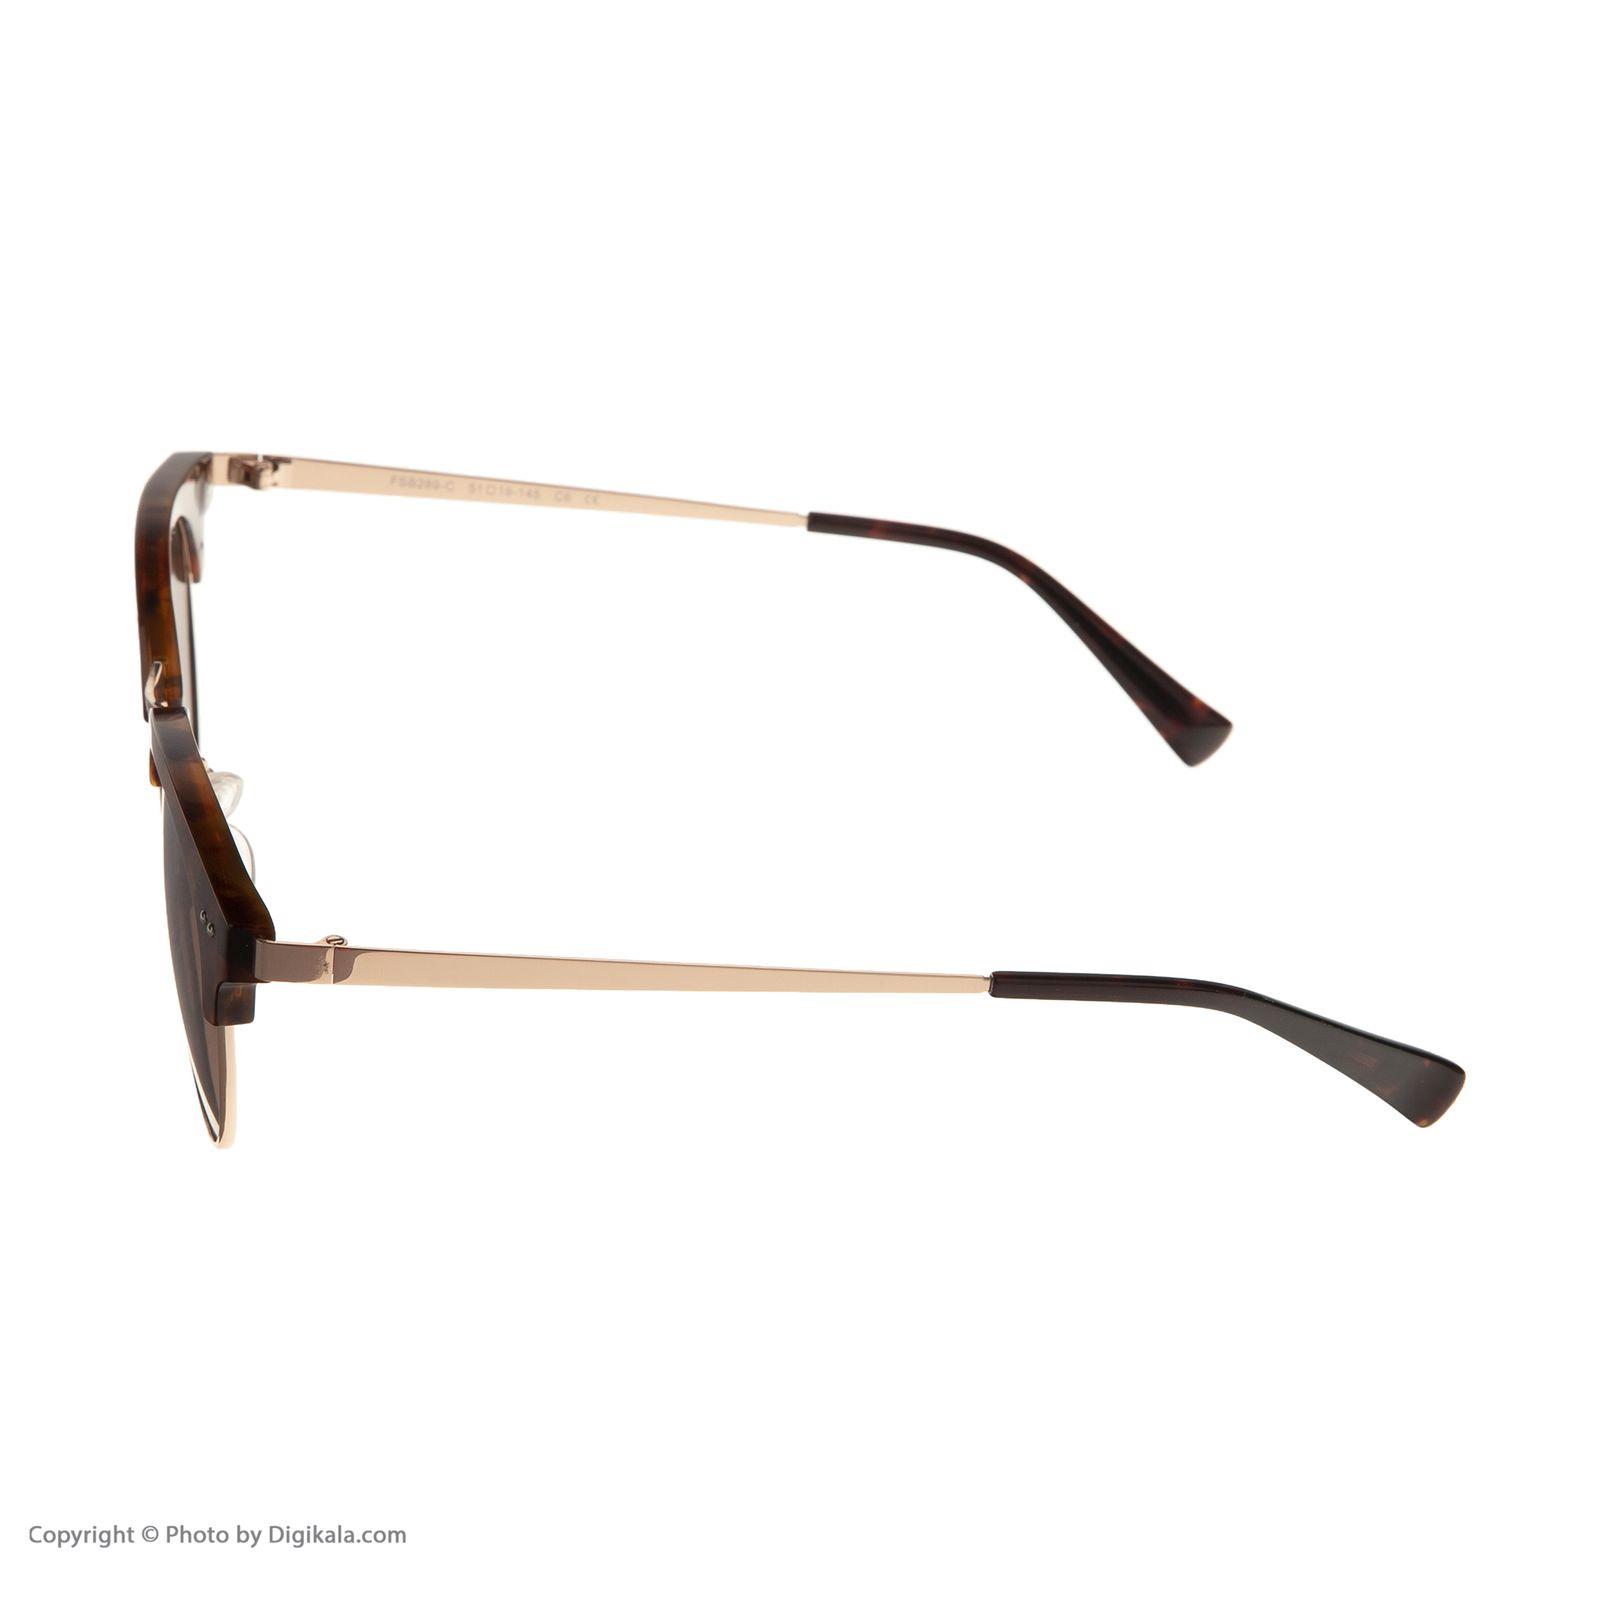 عینک آفتابی مردانه اف اس بی مدل 289-c C6 -  - 5